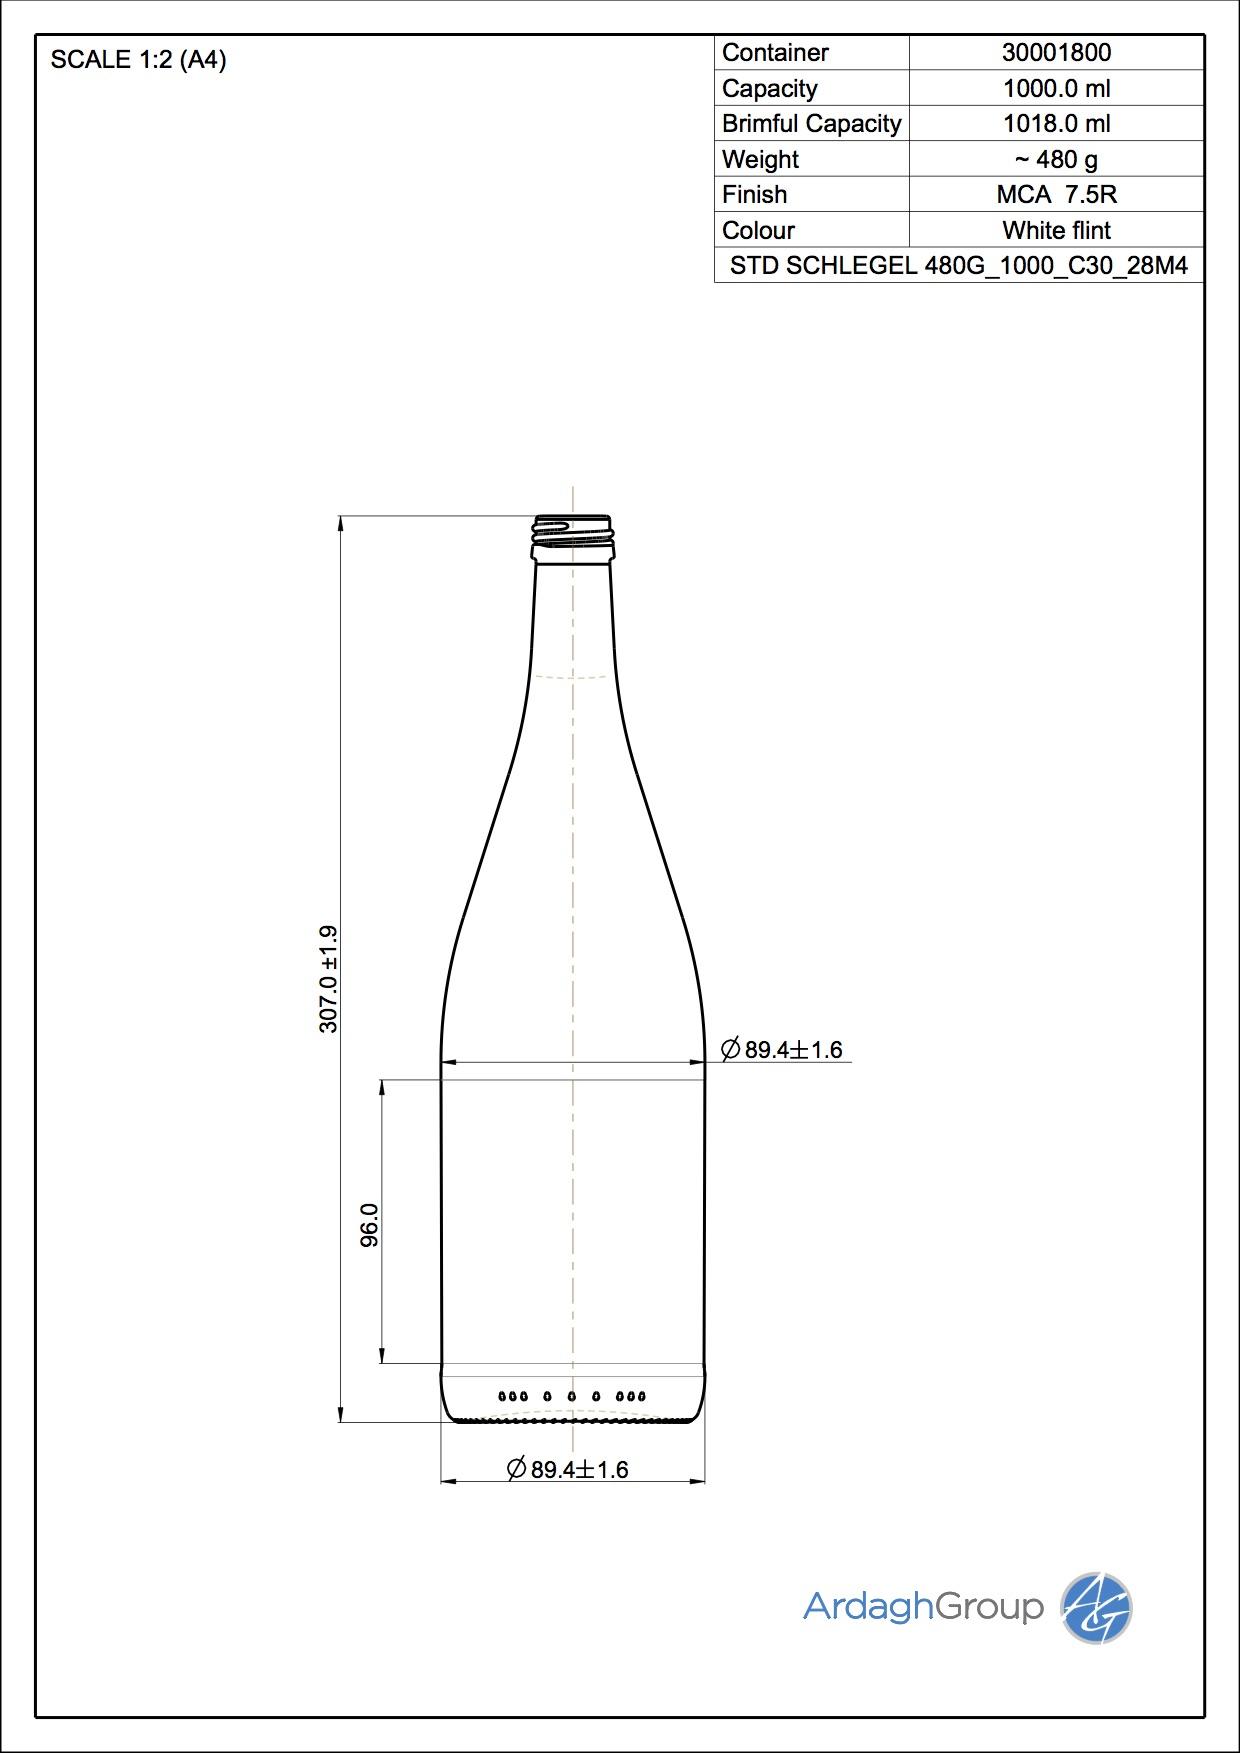 1000ml flint glass Schlegel oneway wine bottle